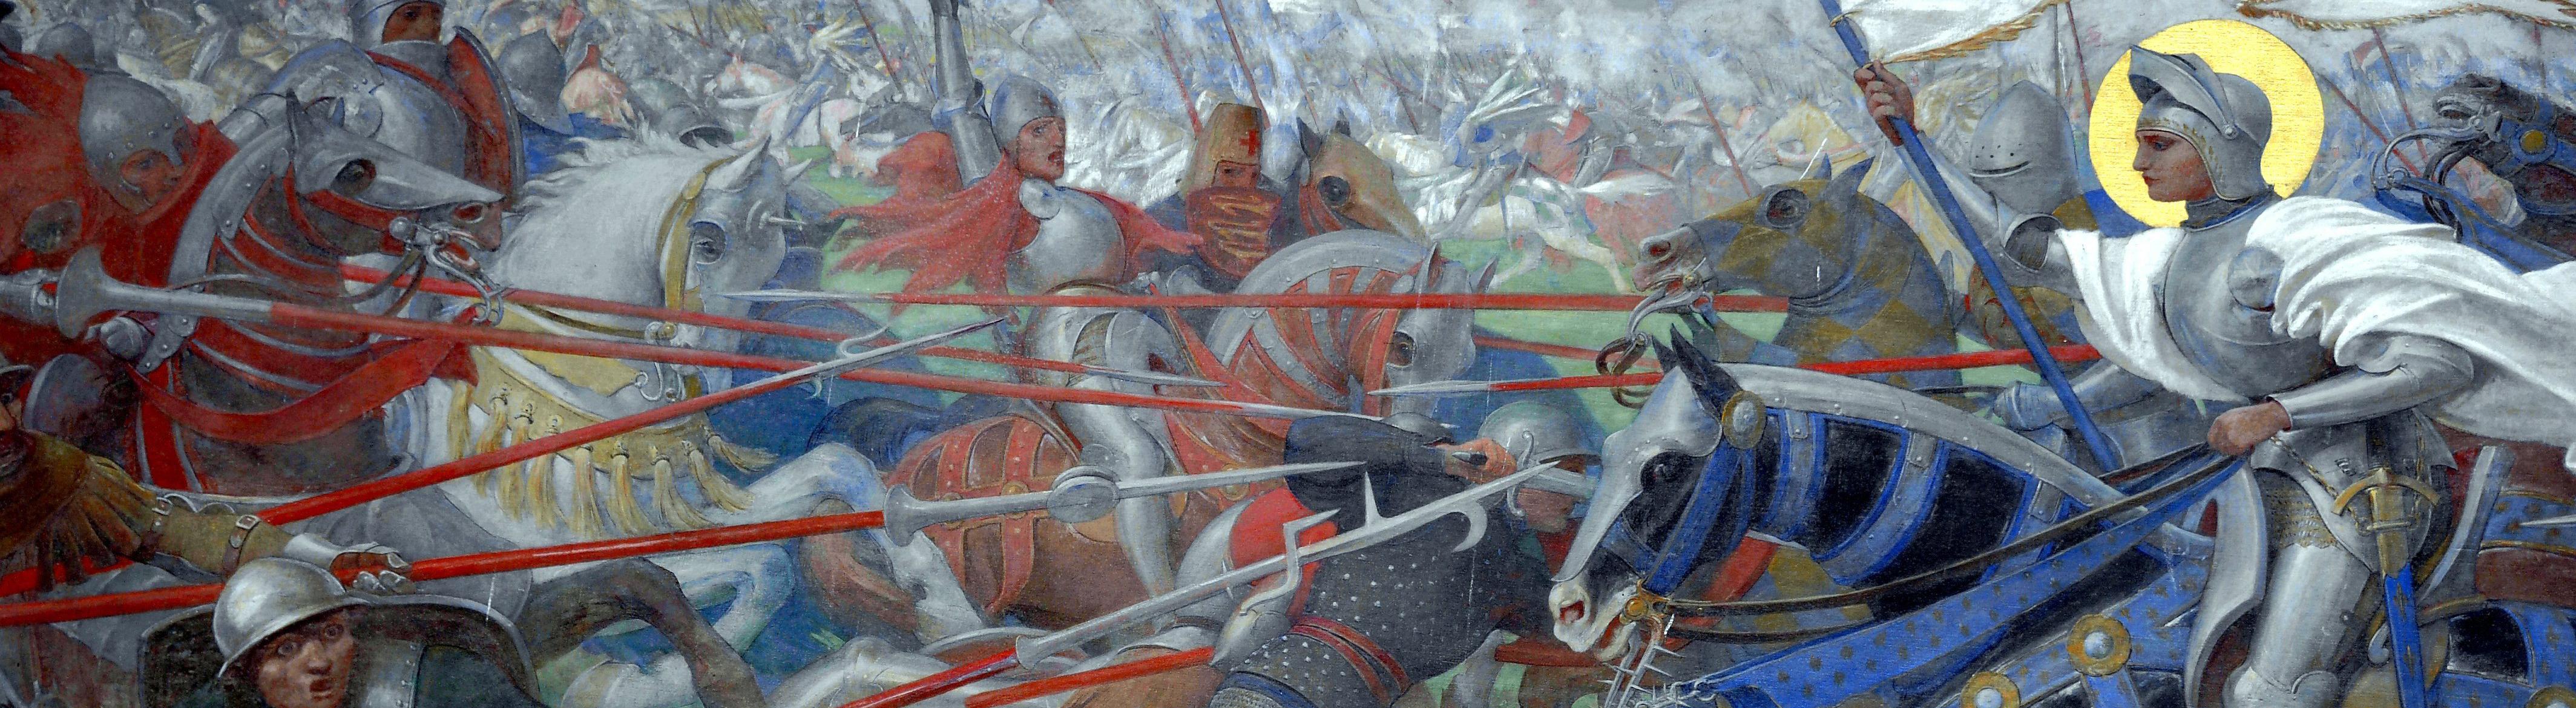 Johanna von Orléans in der Schlacht auf einem Gemälde von Lionel Royer